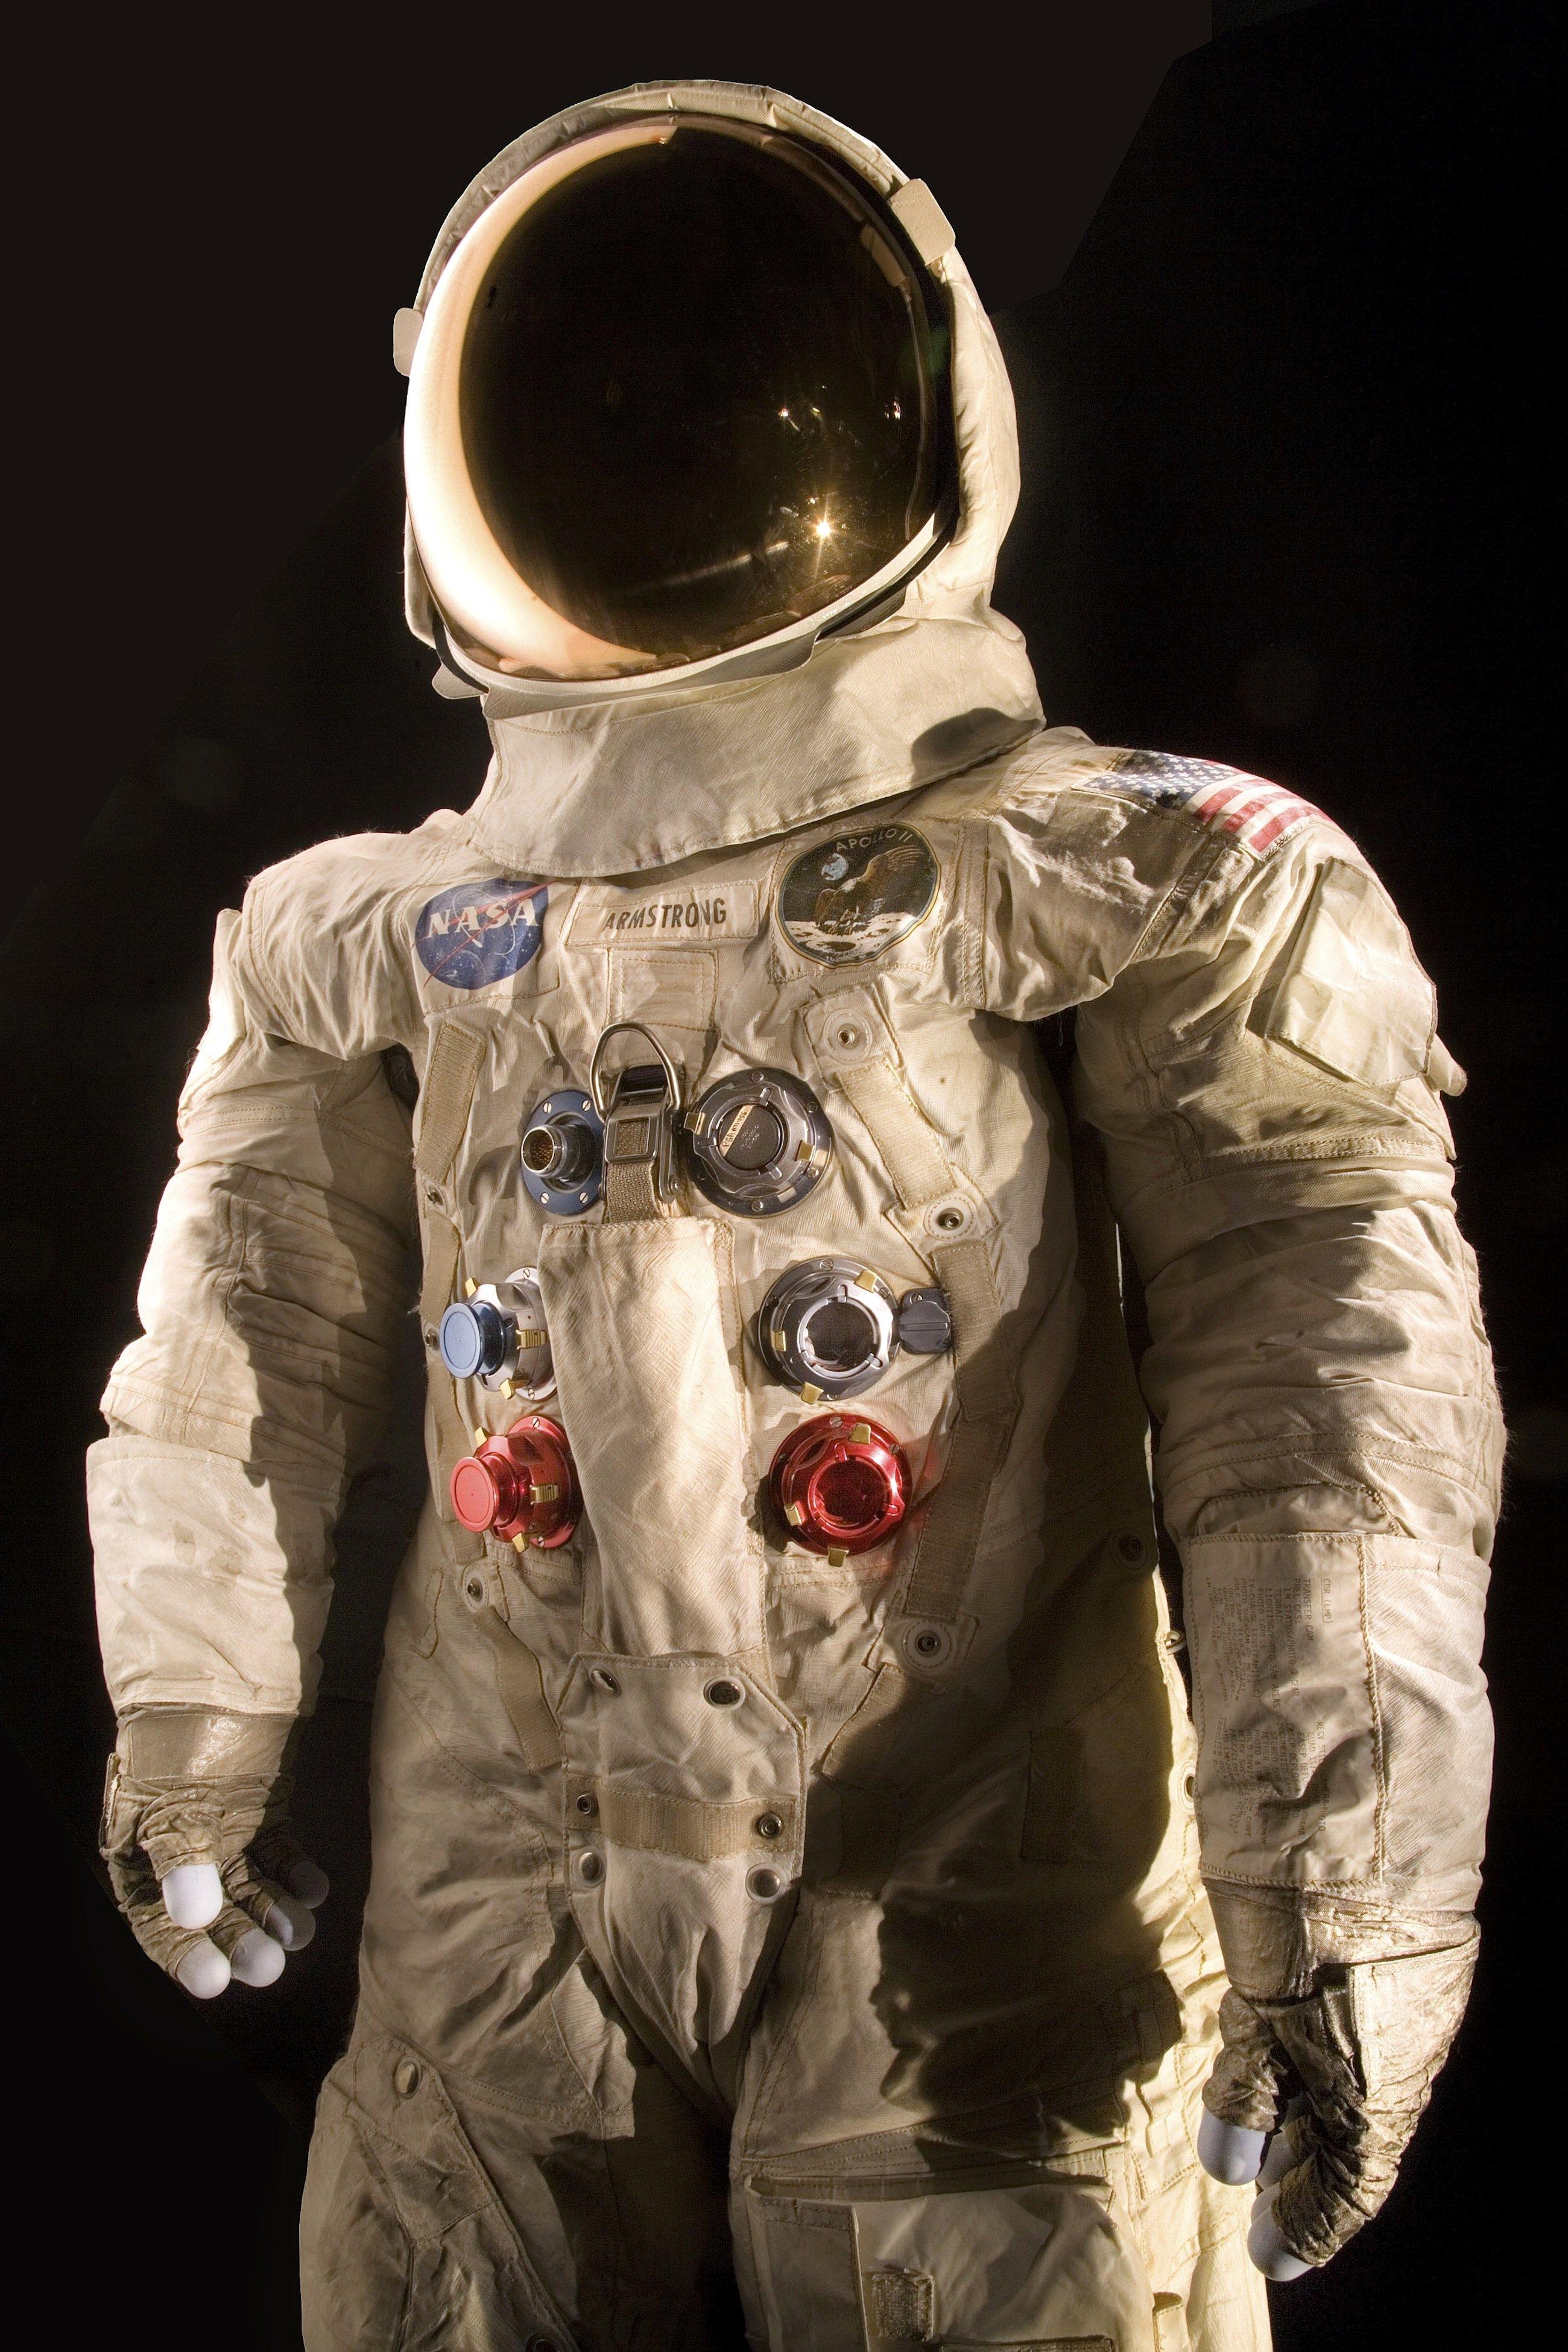 Diesen Raumanzug trug Neil Armstrong während der Apollo-11-Mission im Jahr 1969. Jetzt soll das stark brüchige Material saniert werden. Die Kosten dafür liegen bei rund einer halben Millionen Dollar.